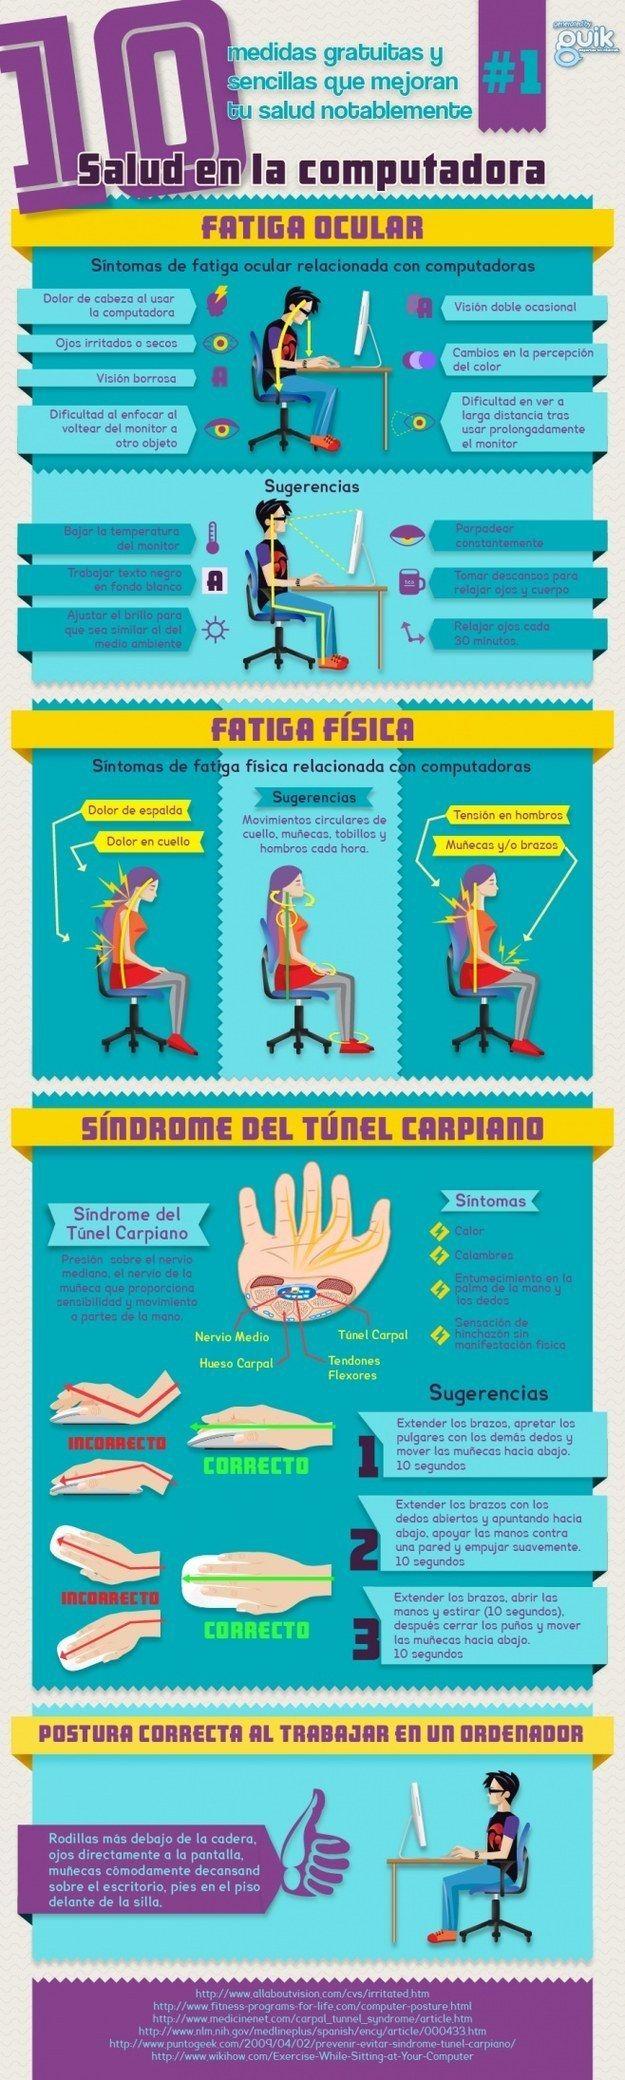 Infografía esencial para las personas que tienen un trabajo de oficina. | 23 Infografías que te ayudarán a vivir una vida más sana